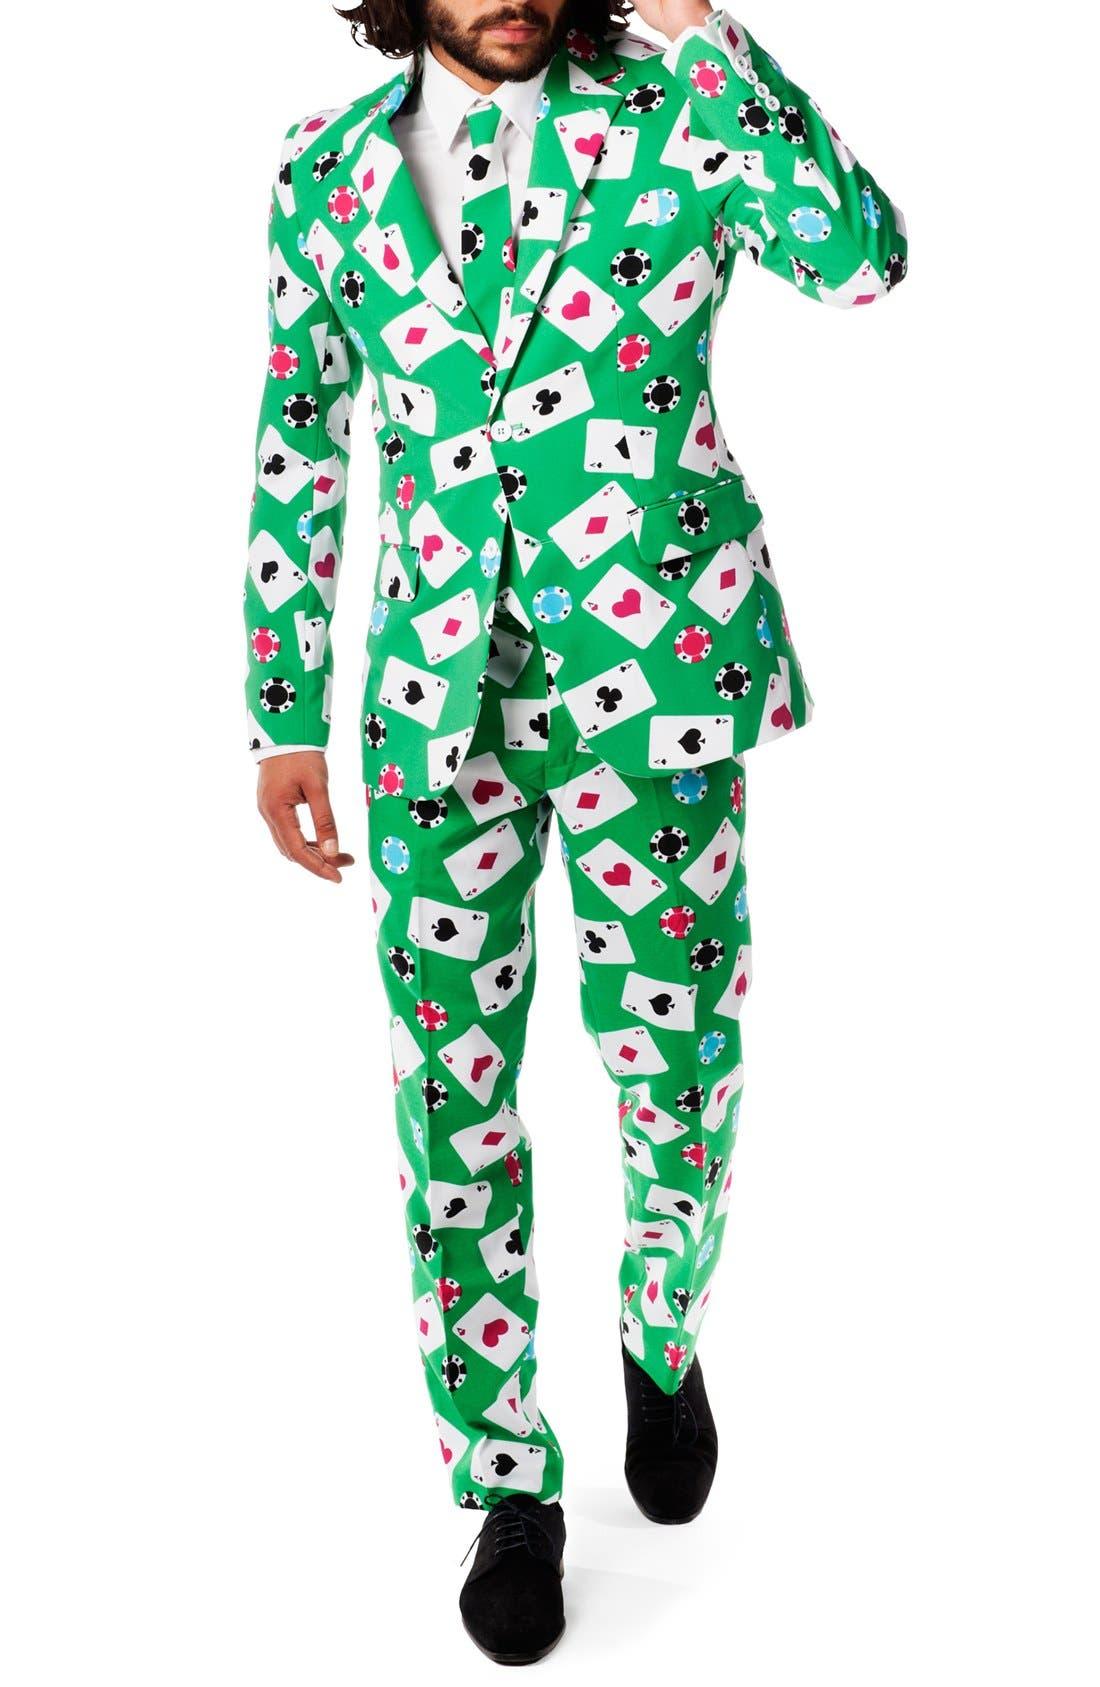 'Poker Face' Trim Fit Suit with Tie,                             Alternate thumbnail 3, color,                             300